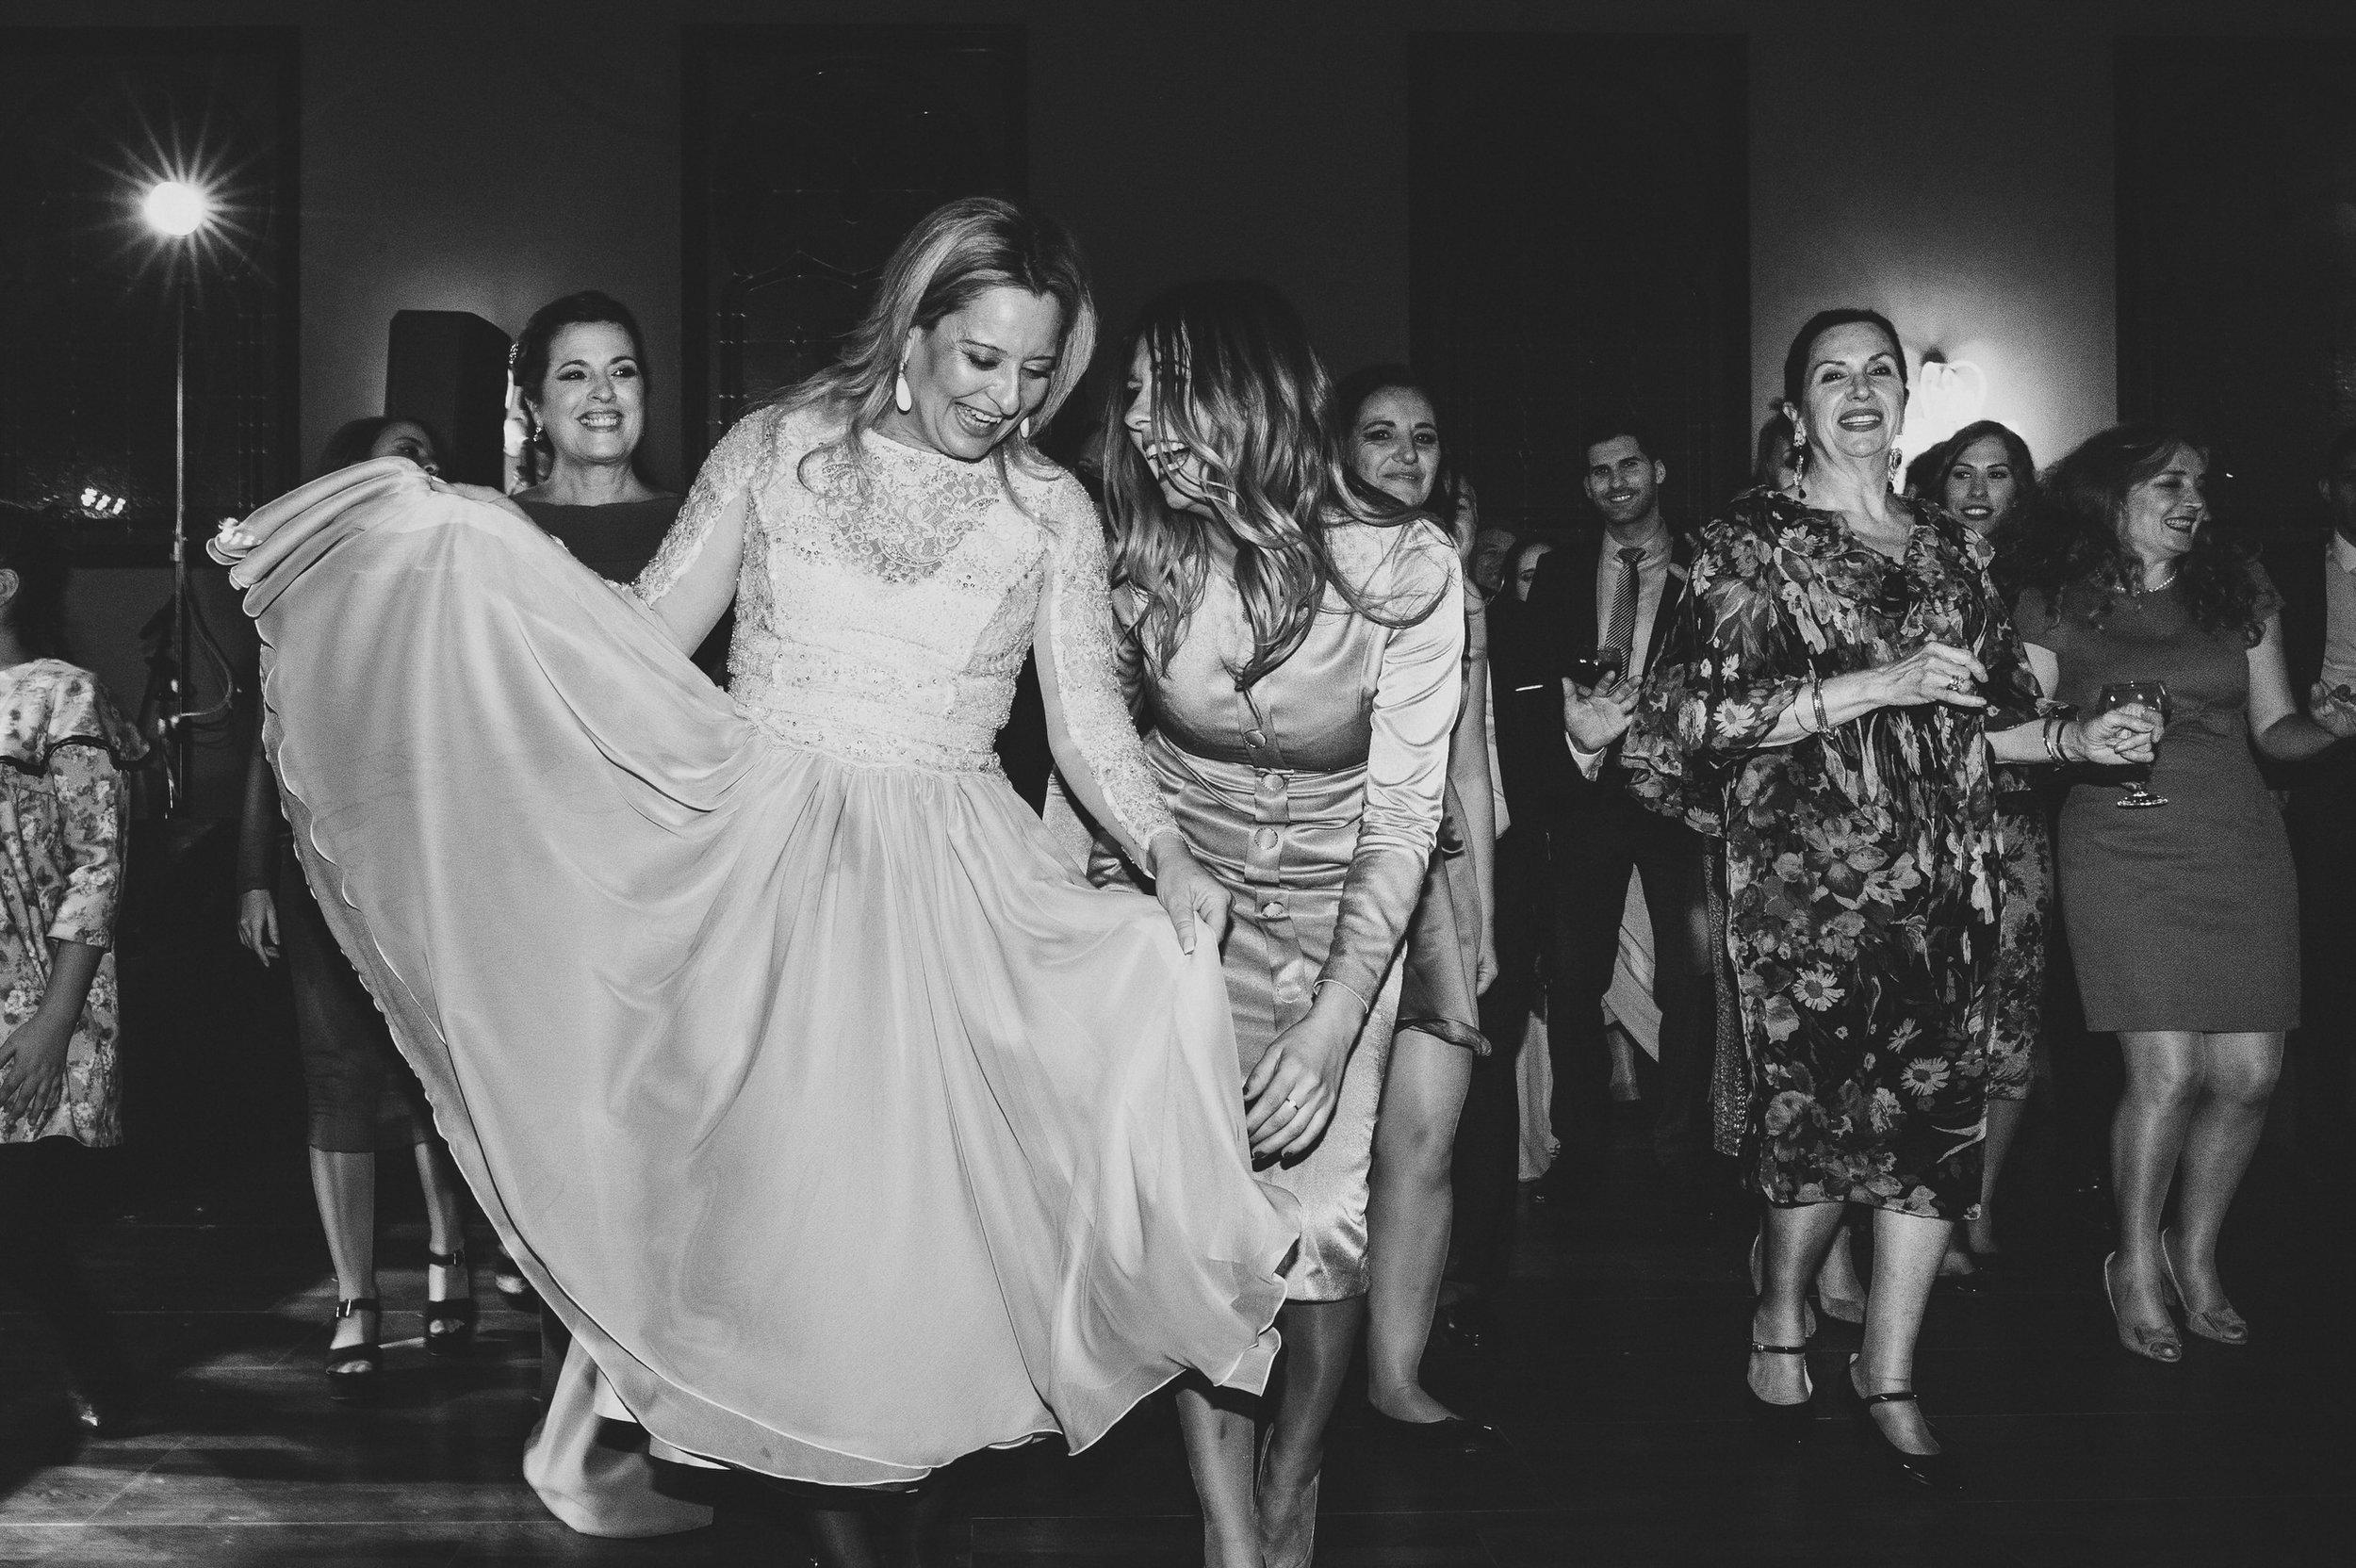 Andrés+Amarillo+fotografo+boda+Utrera+Dos+Hermanas+Santa+Maria+la+blanca+albaraca+Ivan+Campaña+los+tumbao (27).jpg